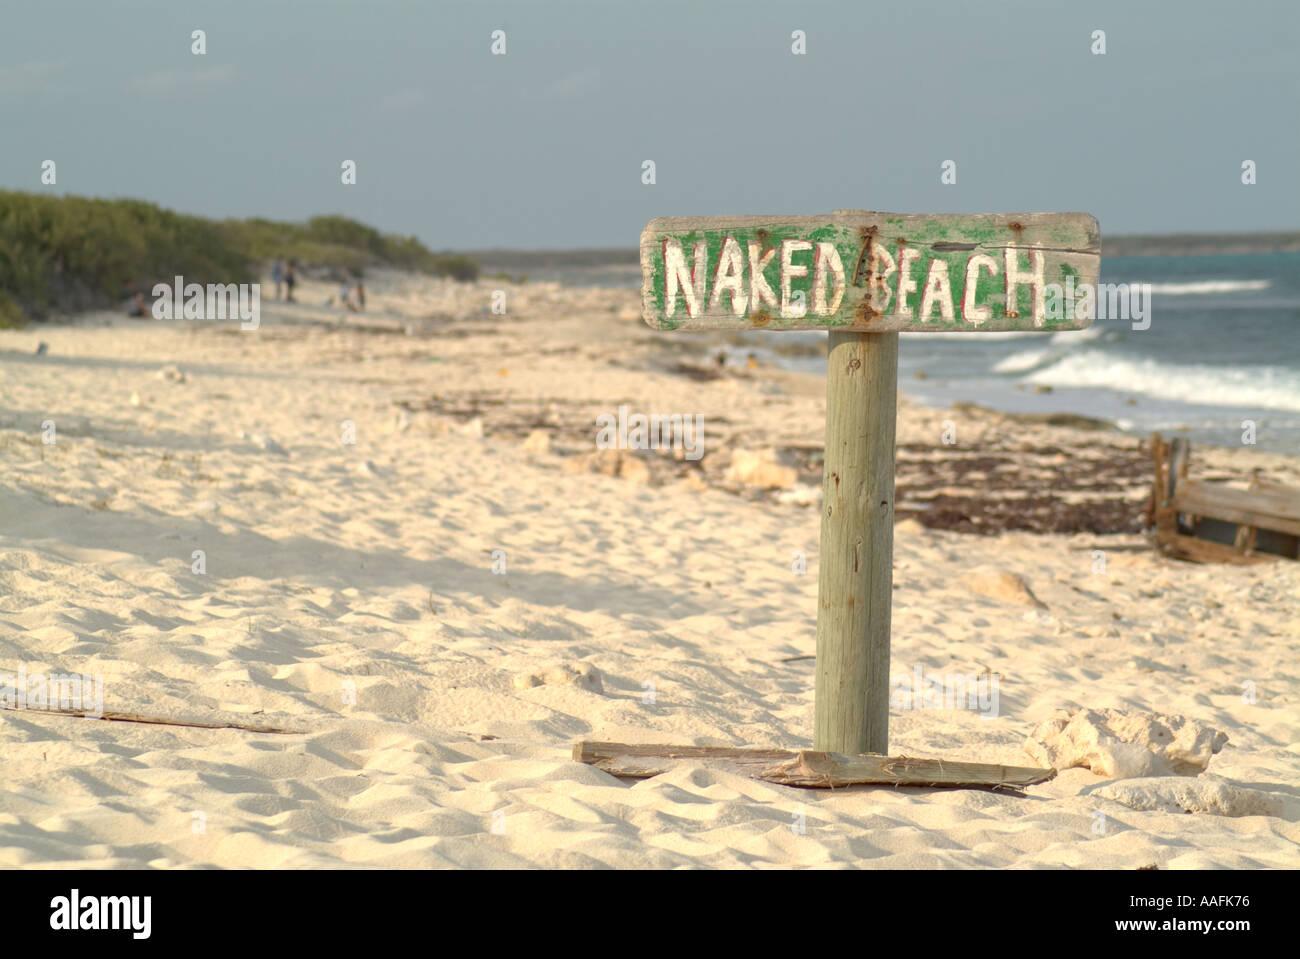 Mexico nudebeach Nude Photos 41